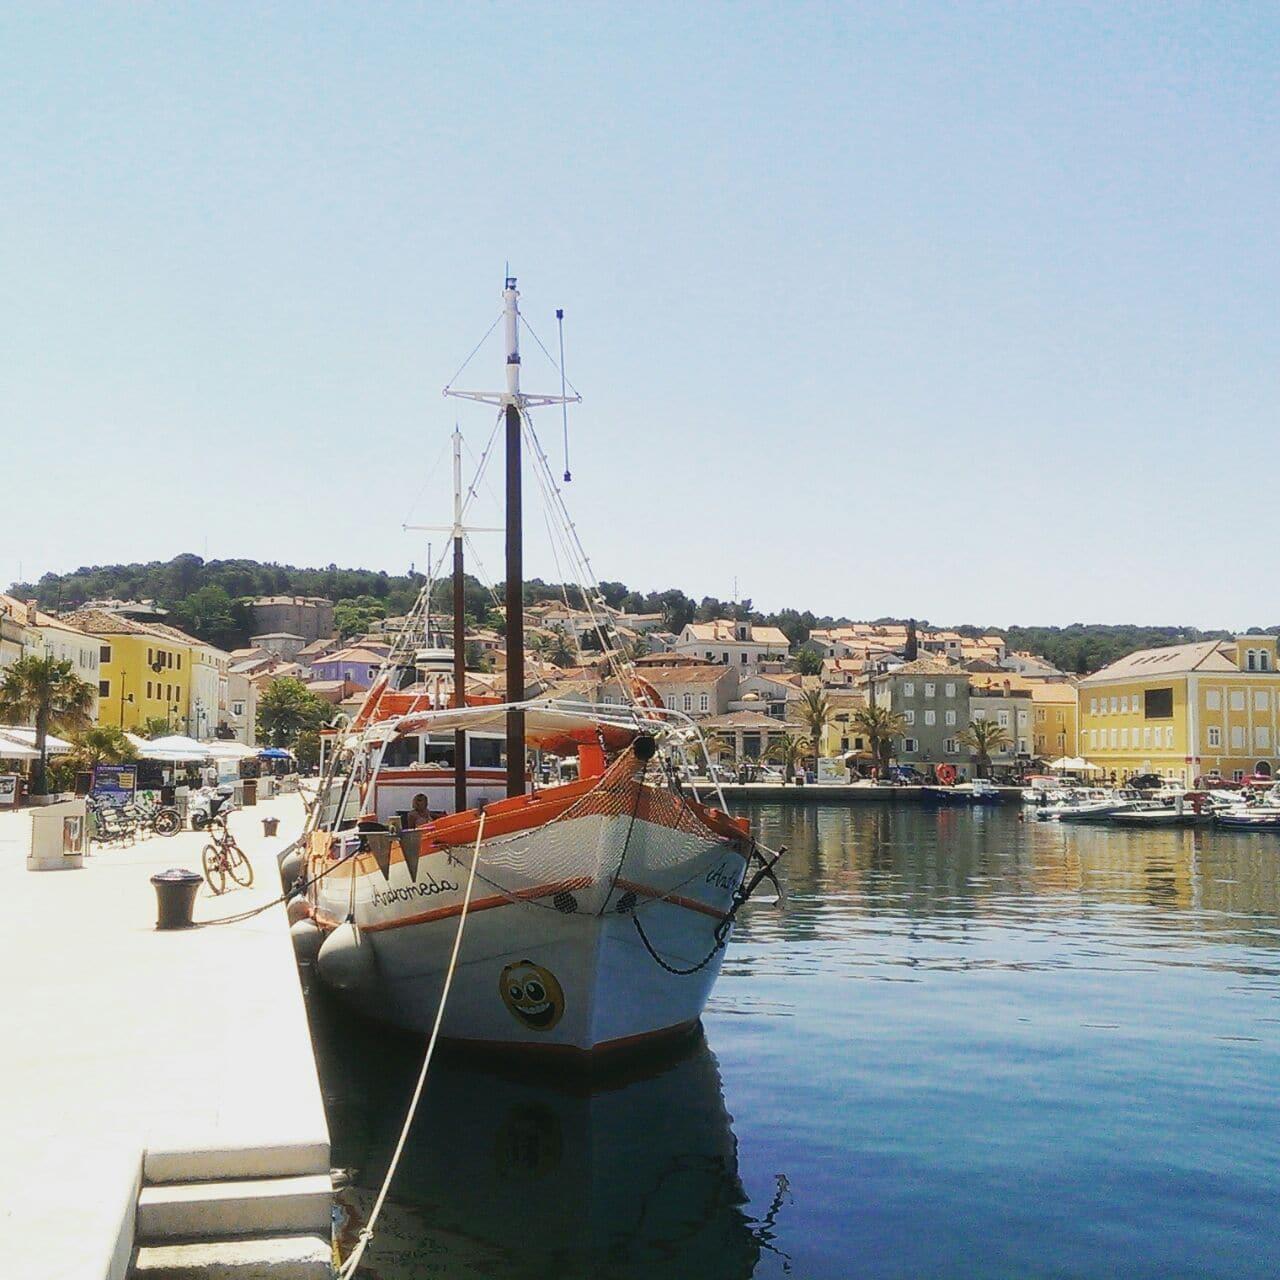 Urlaub mit Kleinkind oder Baby in Kroatien - wir erzählen wo es schön ist und geben Tipps. Z. B. Mali Losinj